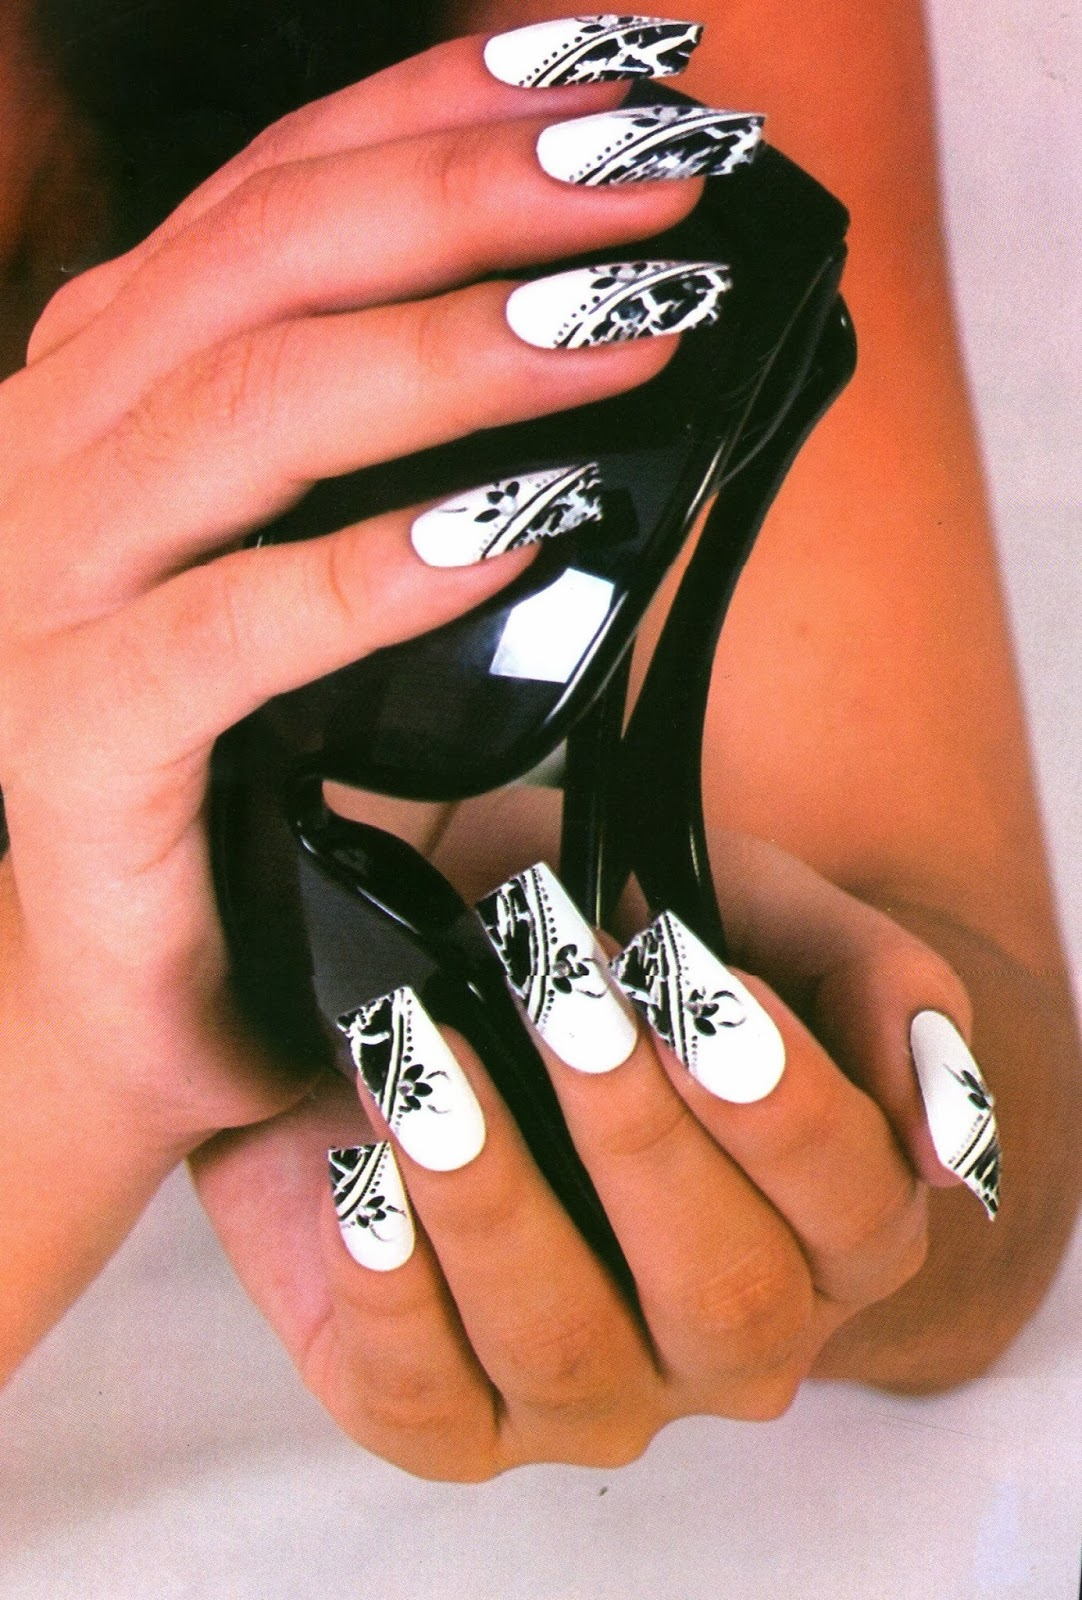 Belleza X Siempre Manicura Craquelado Blanco Y Negro